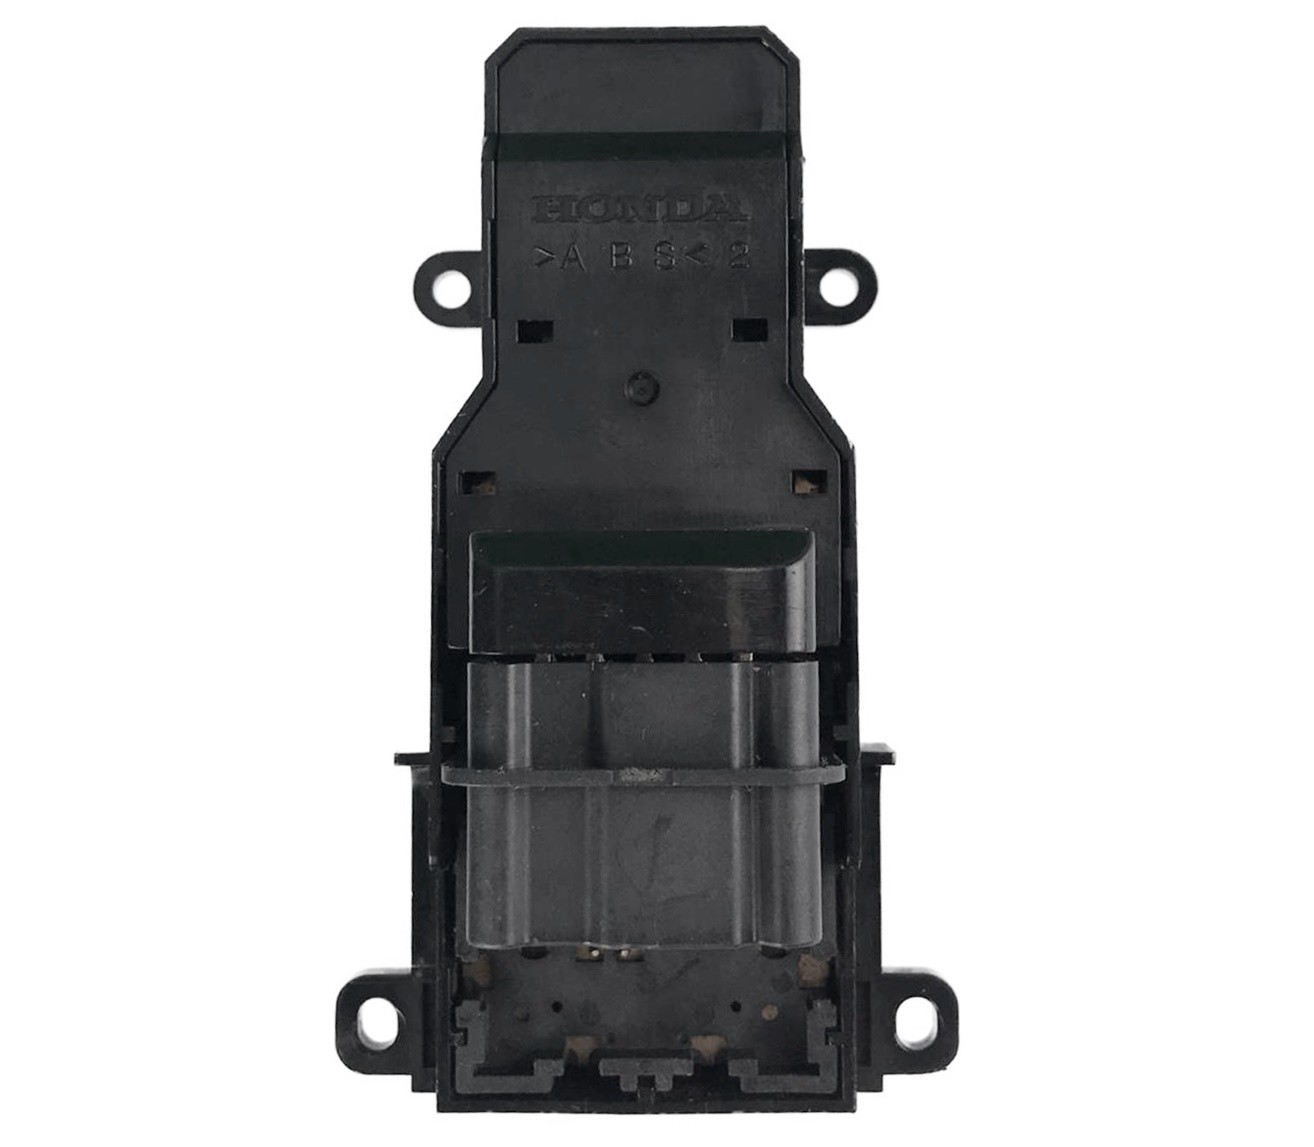 Botão Interruptor De Vidro Elétrico e Trava de Porta Dianteiro Direito 35760snjm020m1 Honda New Civic 06 07 08 09 010 011